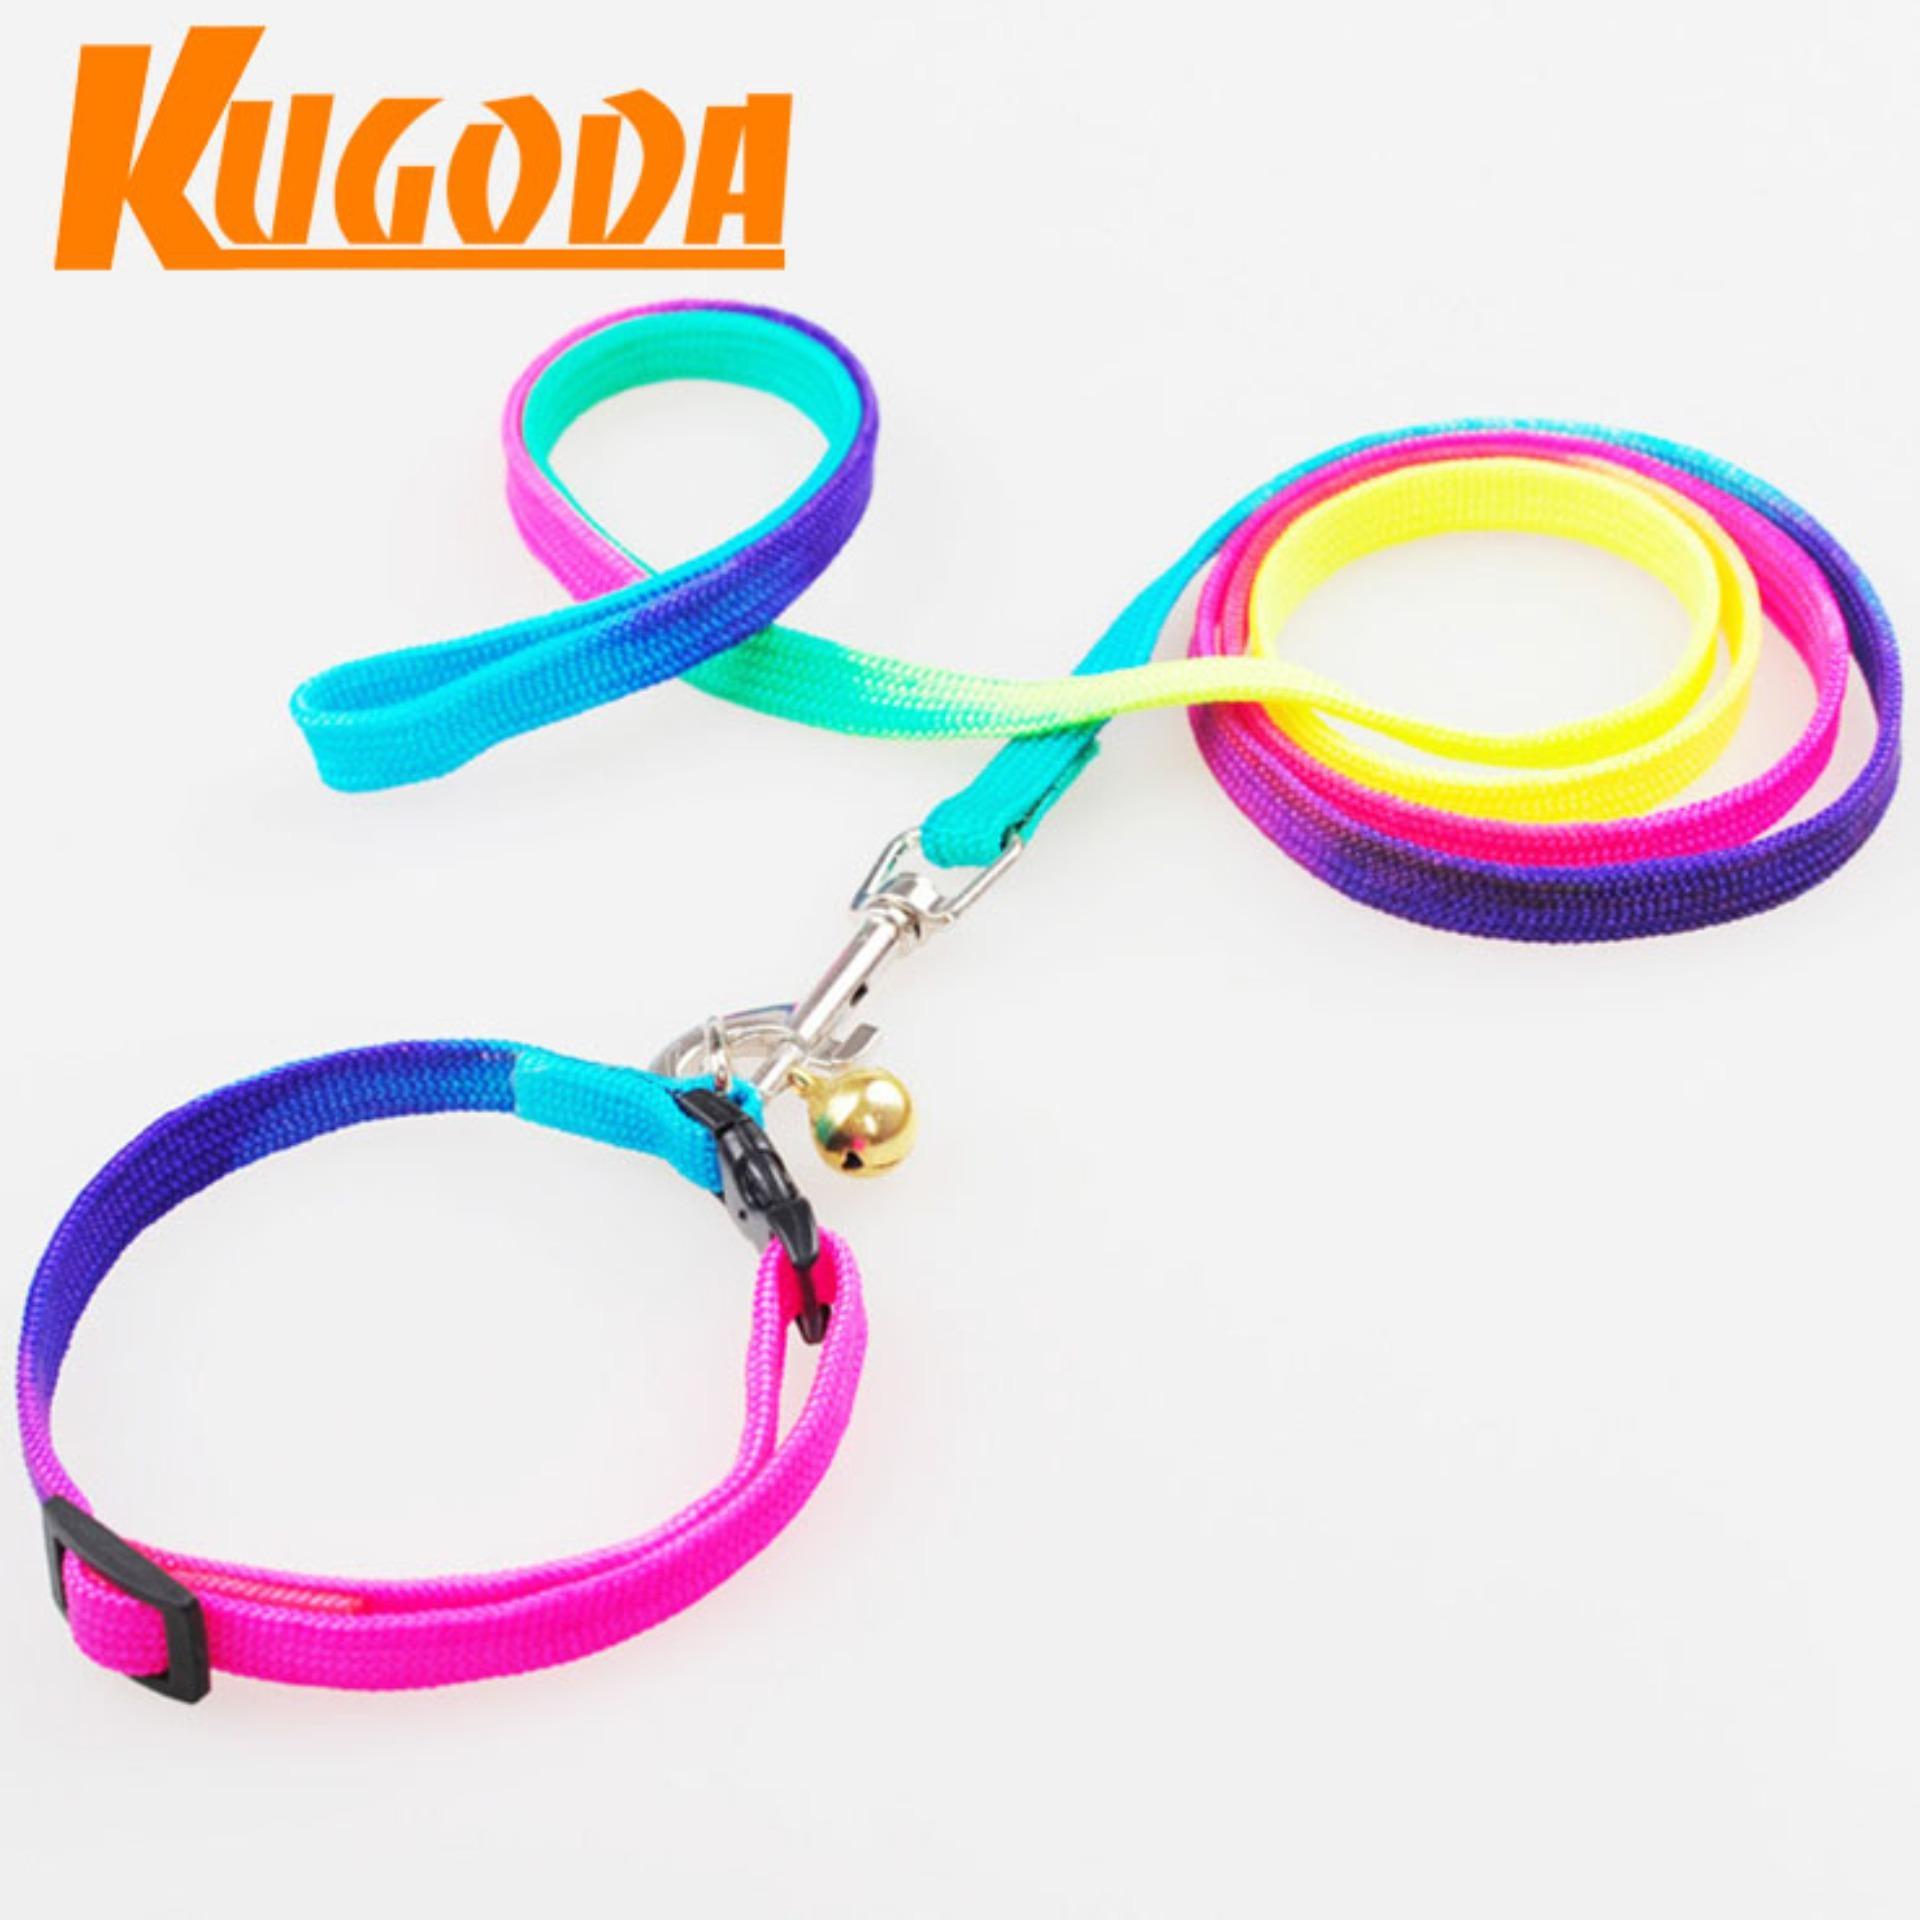 Dây dắt chó mèo Kugoda có vòng cổ đủ màu – kgd023